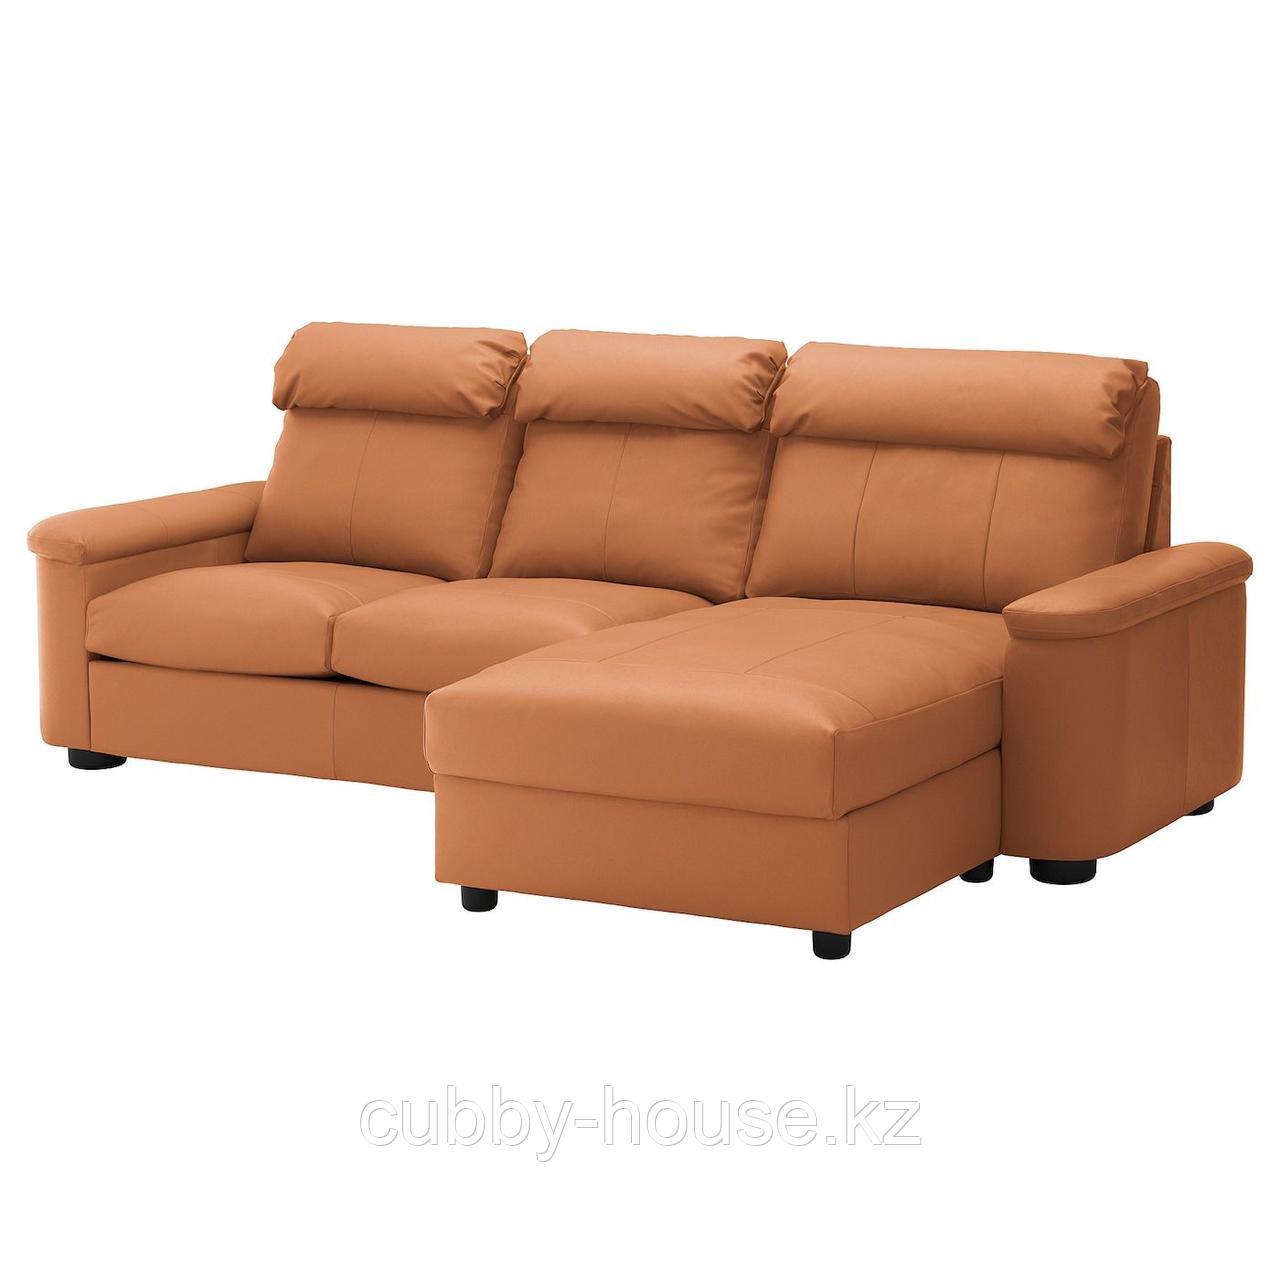 ЛИДГУЛЬТ 3-местный диван, с козеткой, Гранн/Бумстад золотисто-коричневый